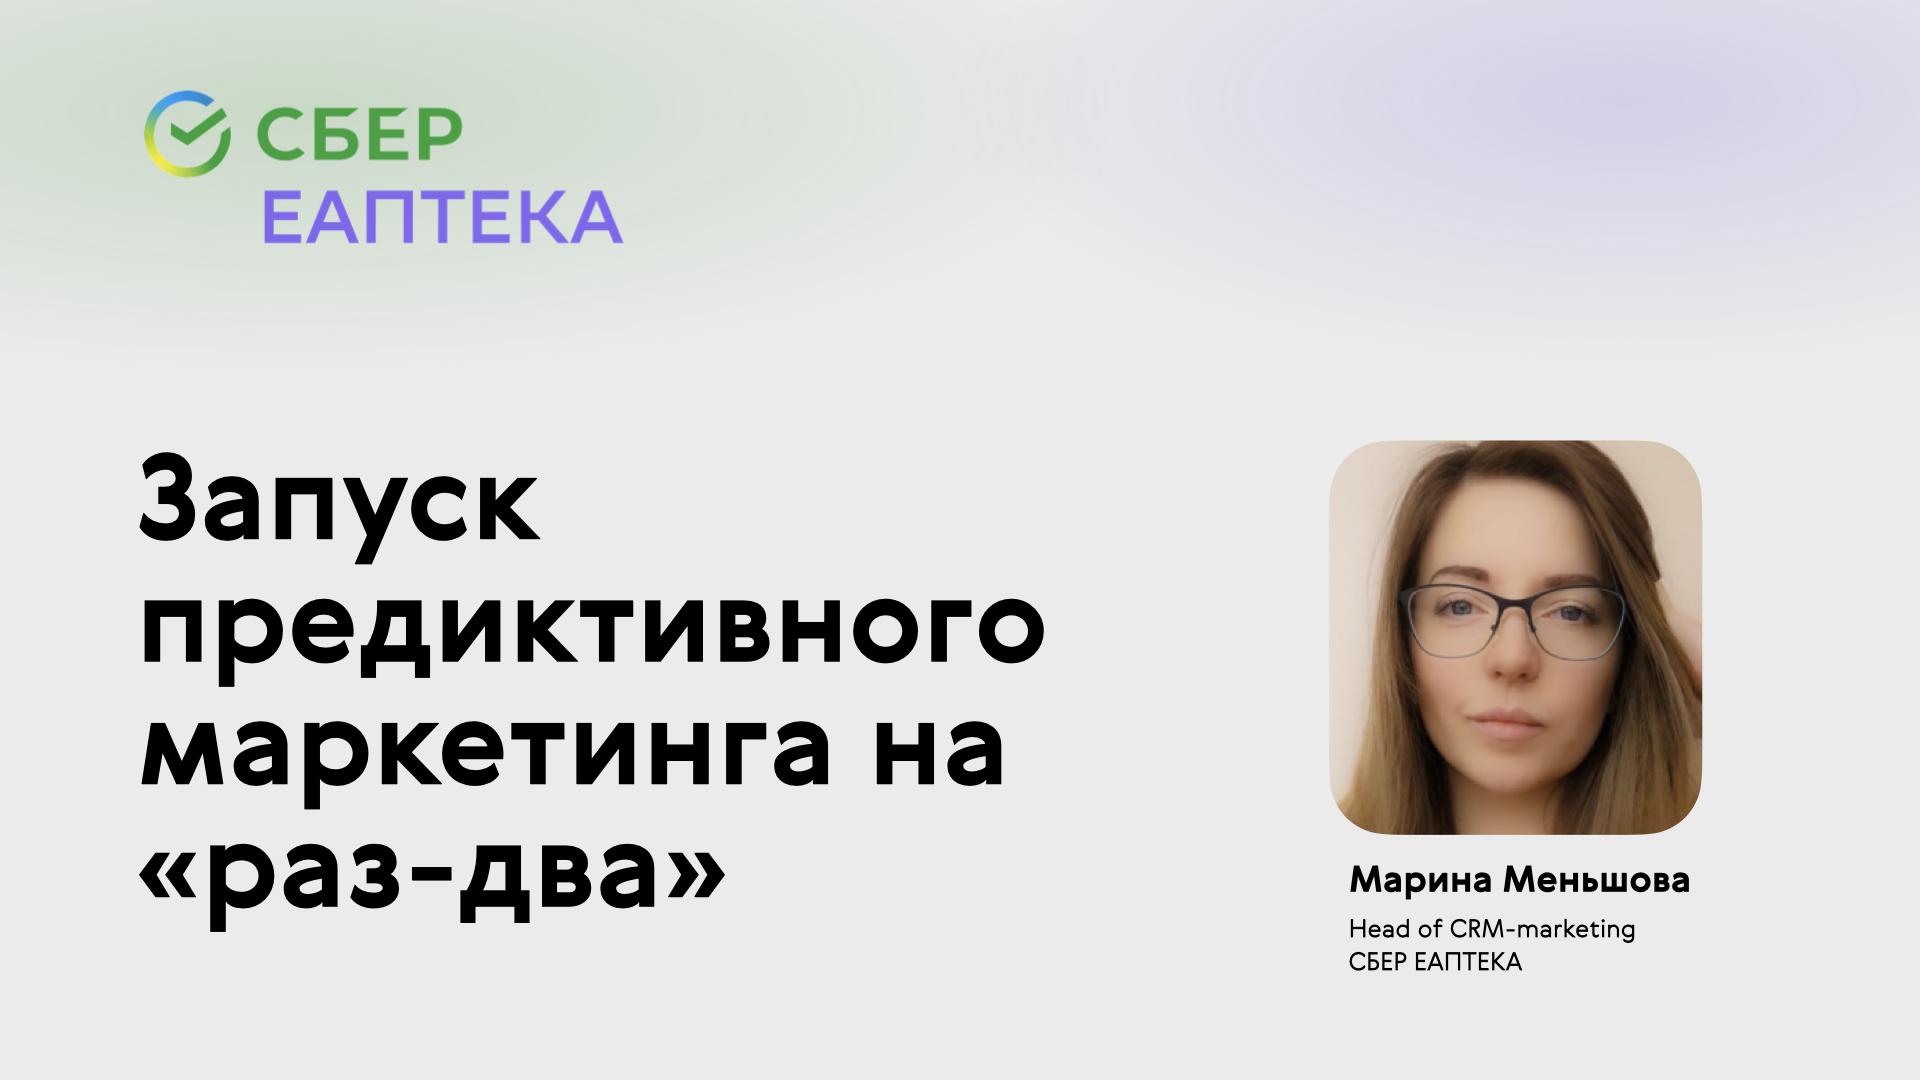 Вебинар Марины Меньшовой, Head of CRM-marketing Сбер еАптеки, 2021